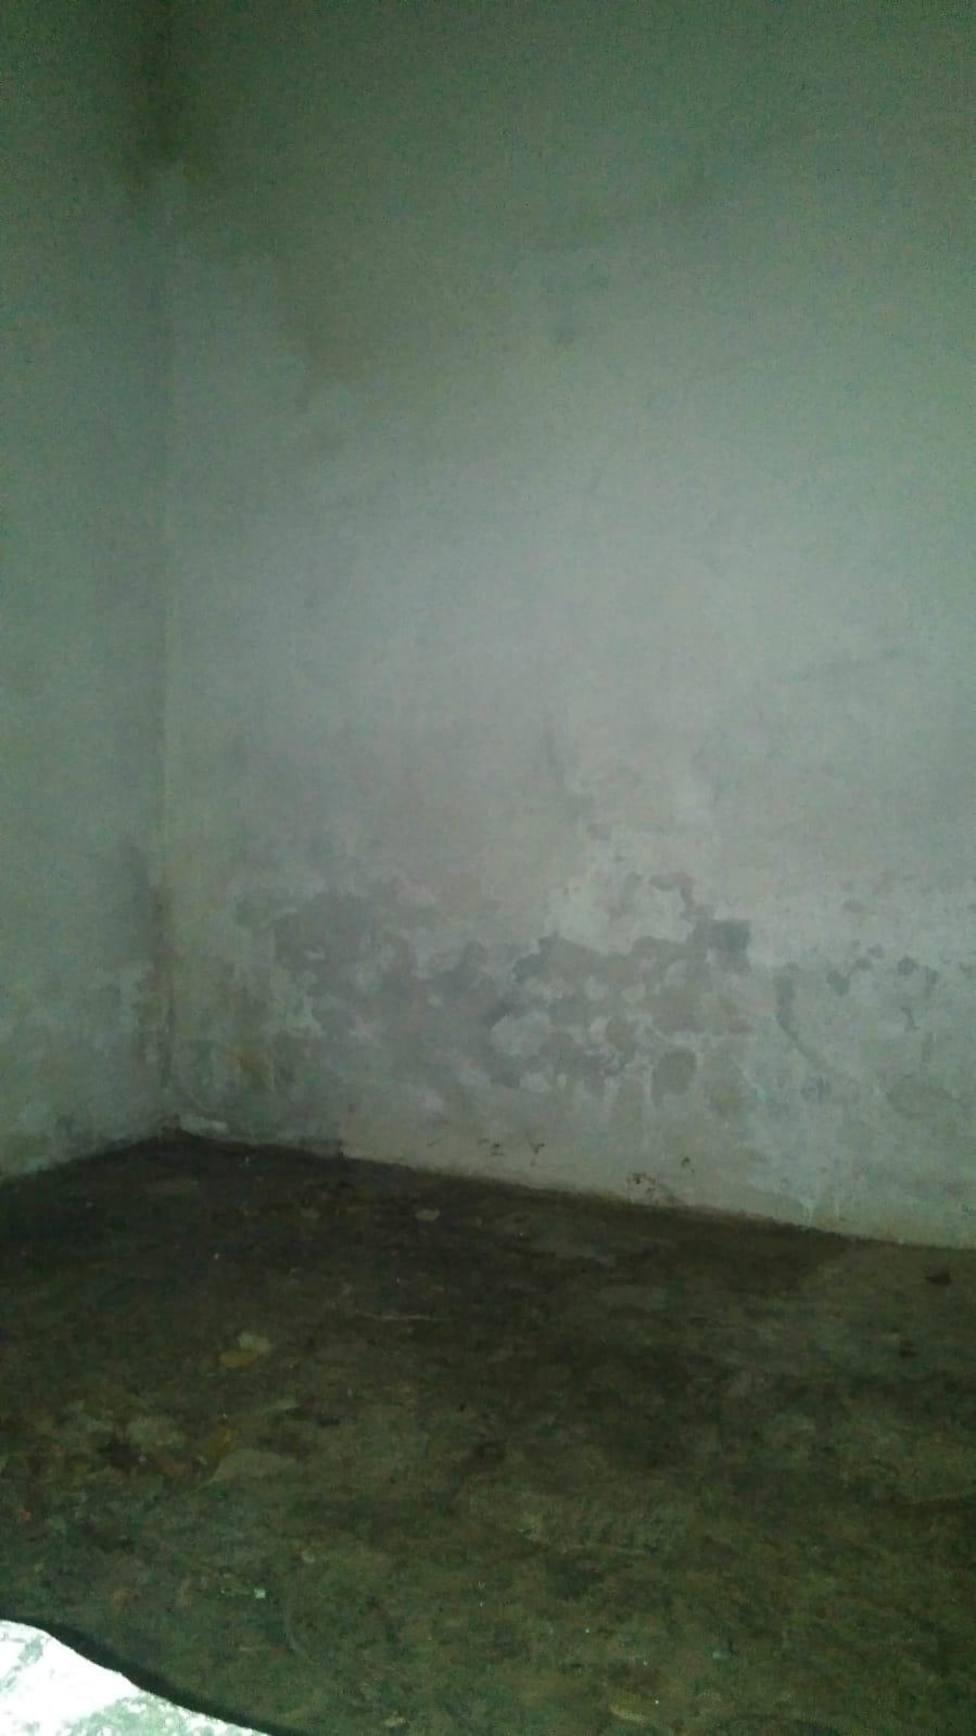 Regresan para tapar las pintadas antisistema que habían hecho en una iglesia de Negueira